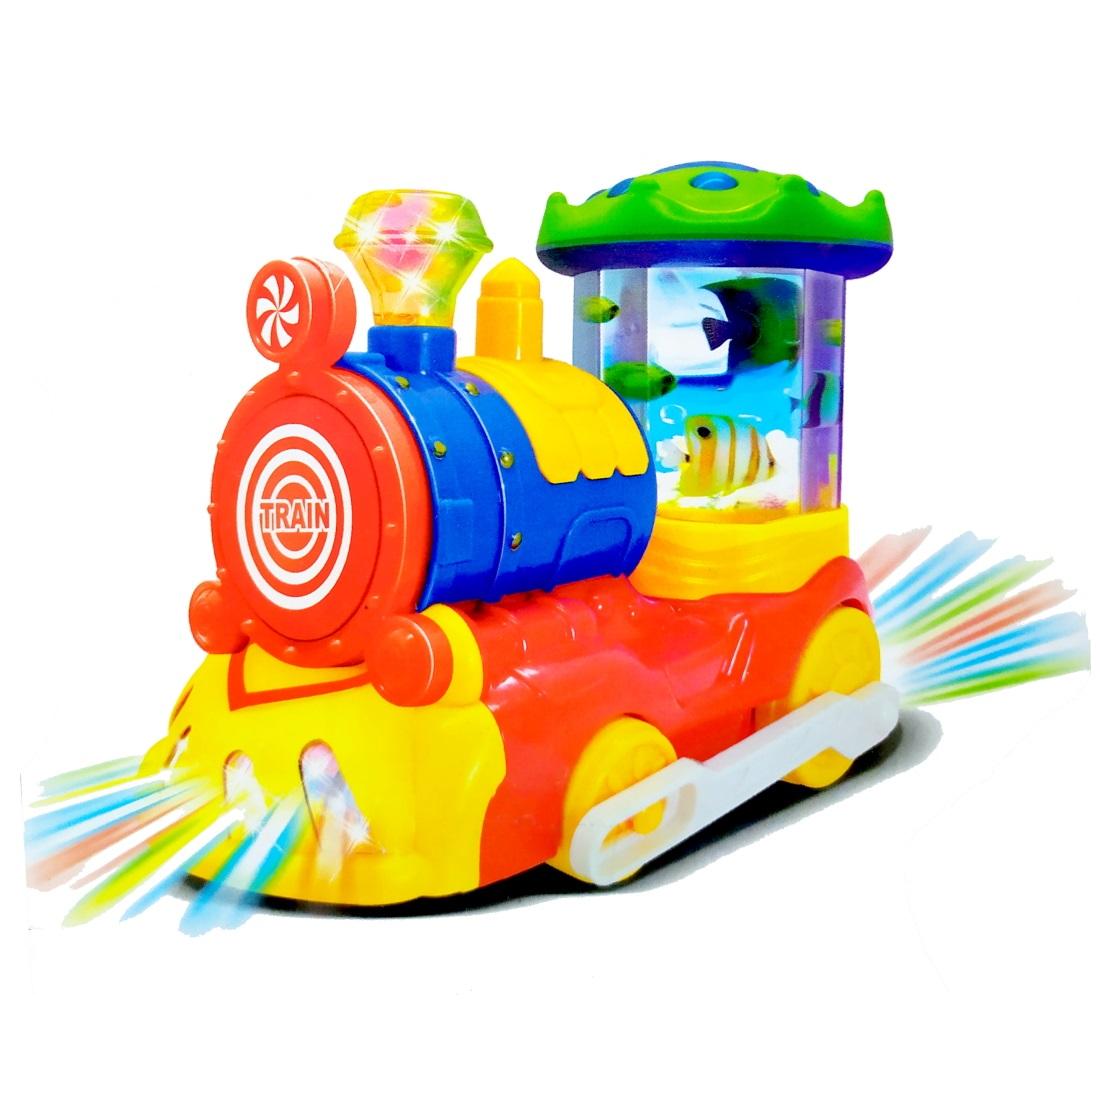 Trem Musical Baby Brinquedo Infantil com Luzes e Sons